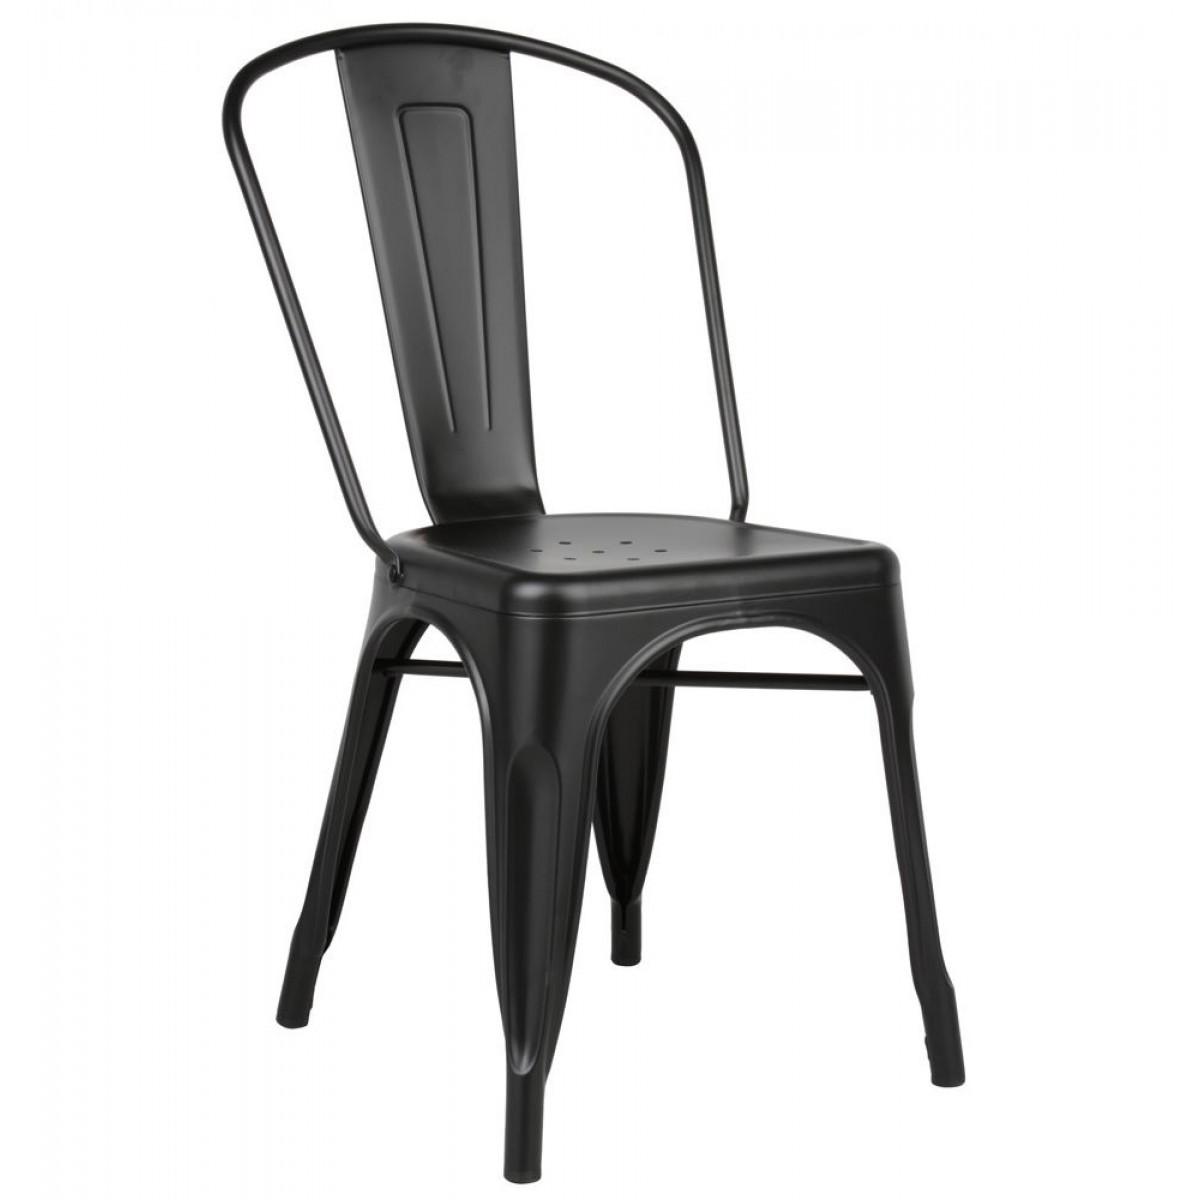 tolix style matte black metal industrial loft designer cafe chair. Black Bedroom Furniture Sets. Home Design Ideas